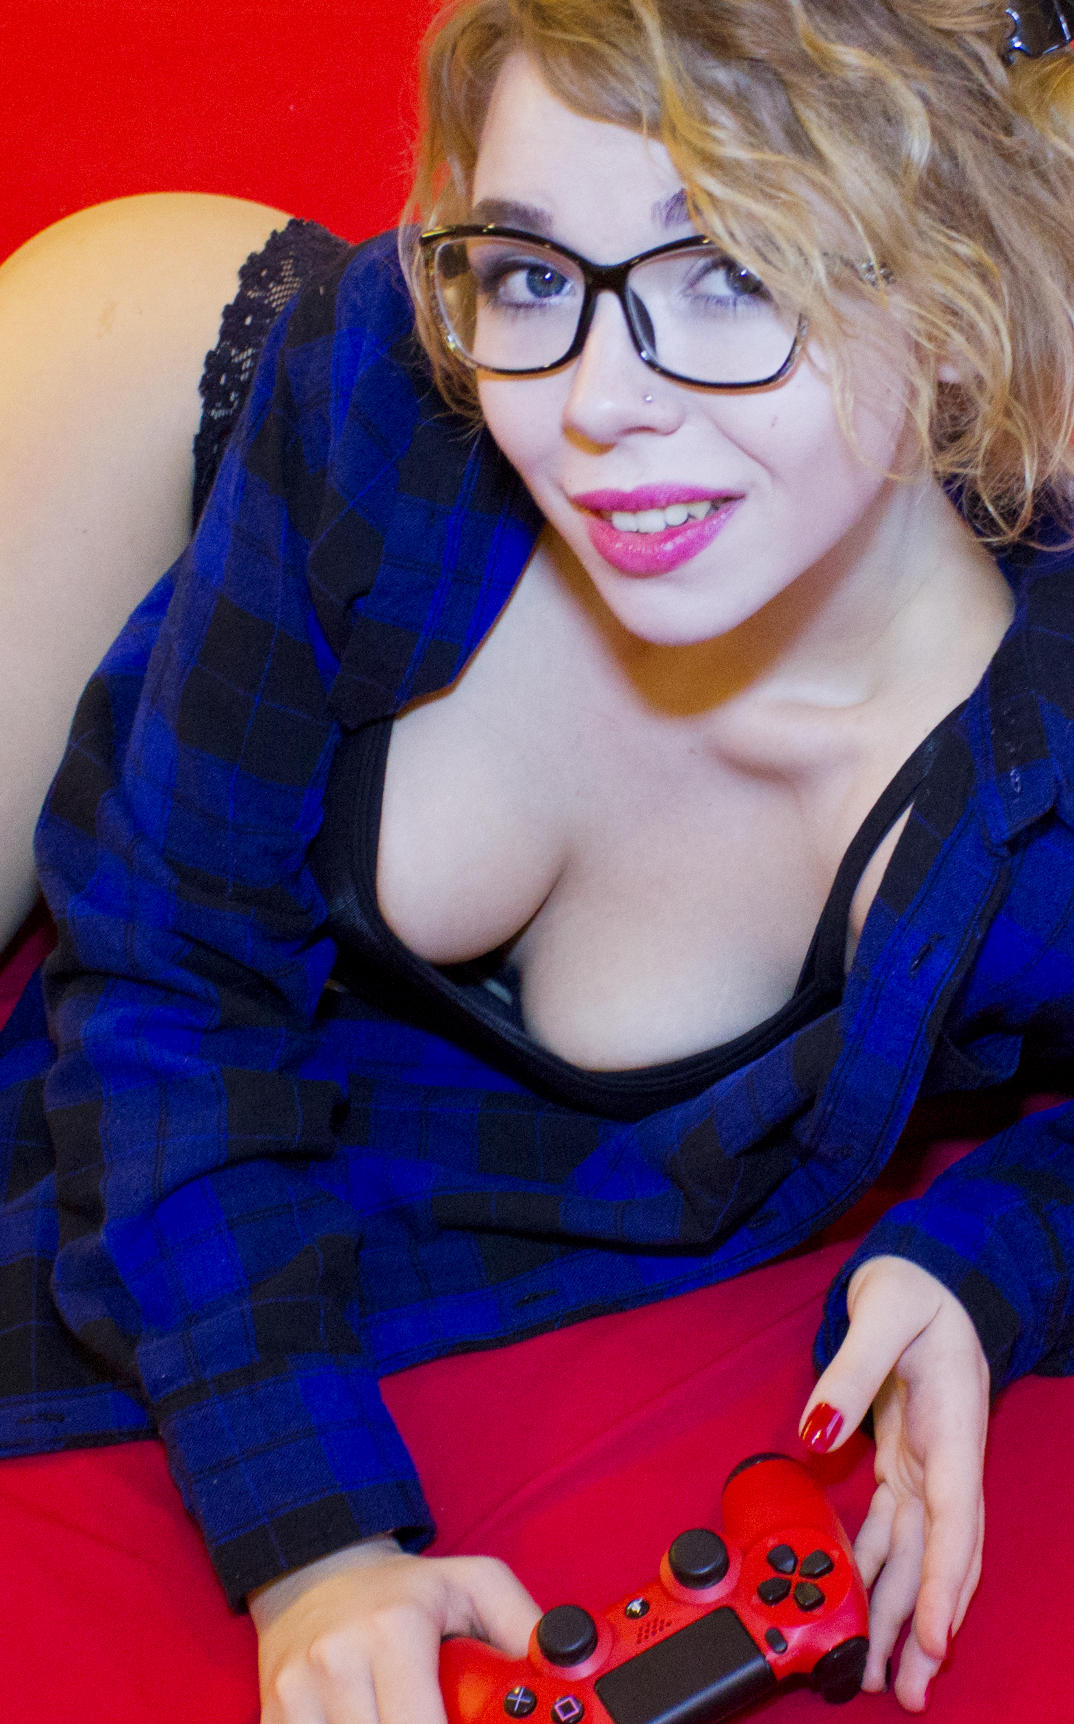 Тест женщин на порно какая реакция 27 фотография